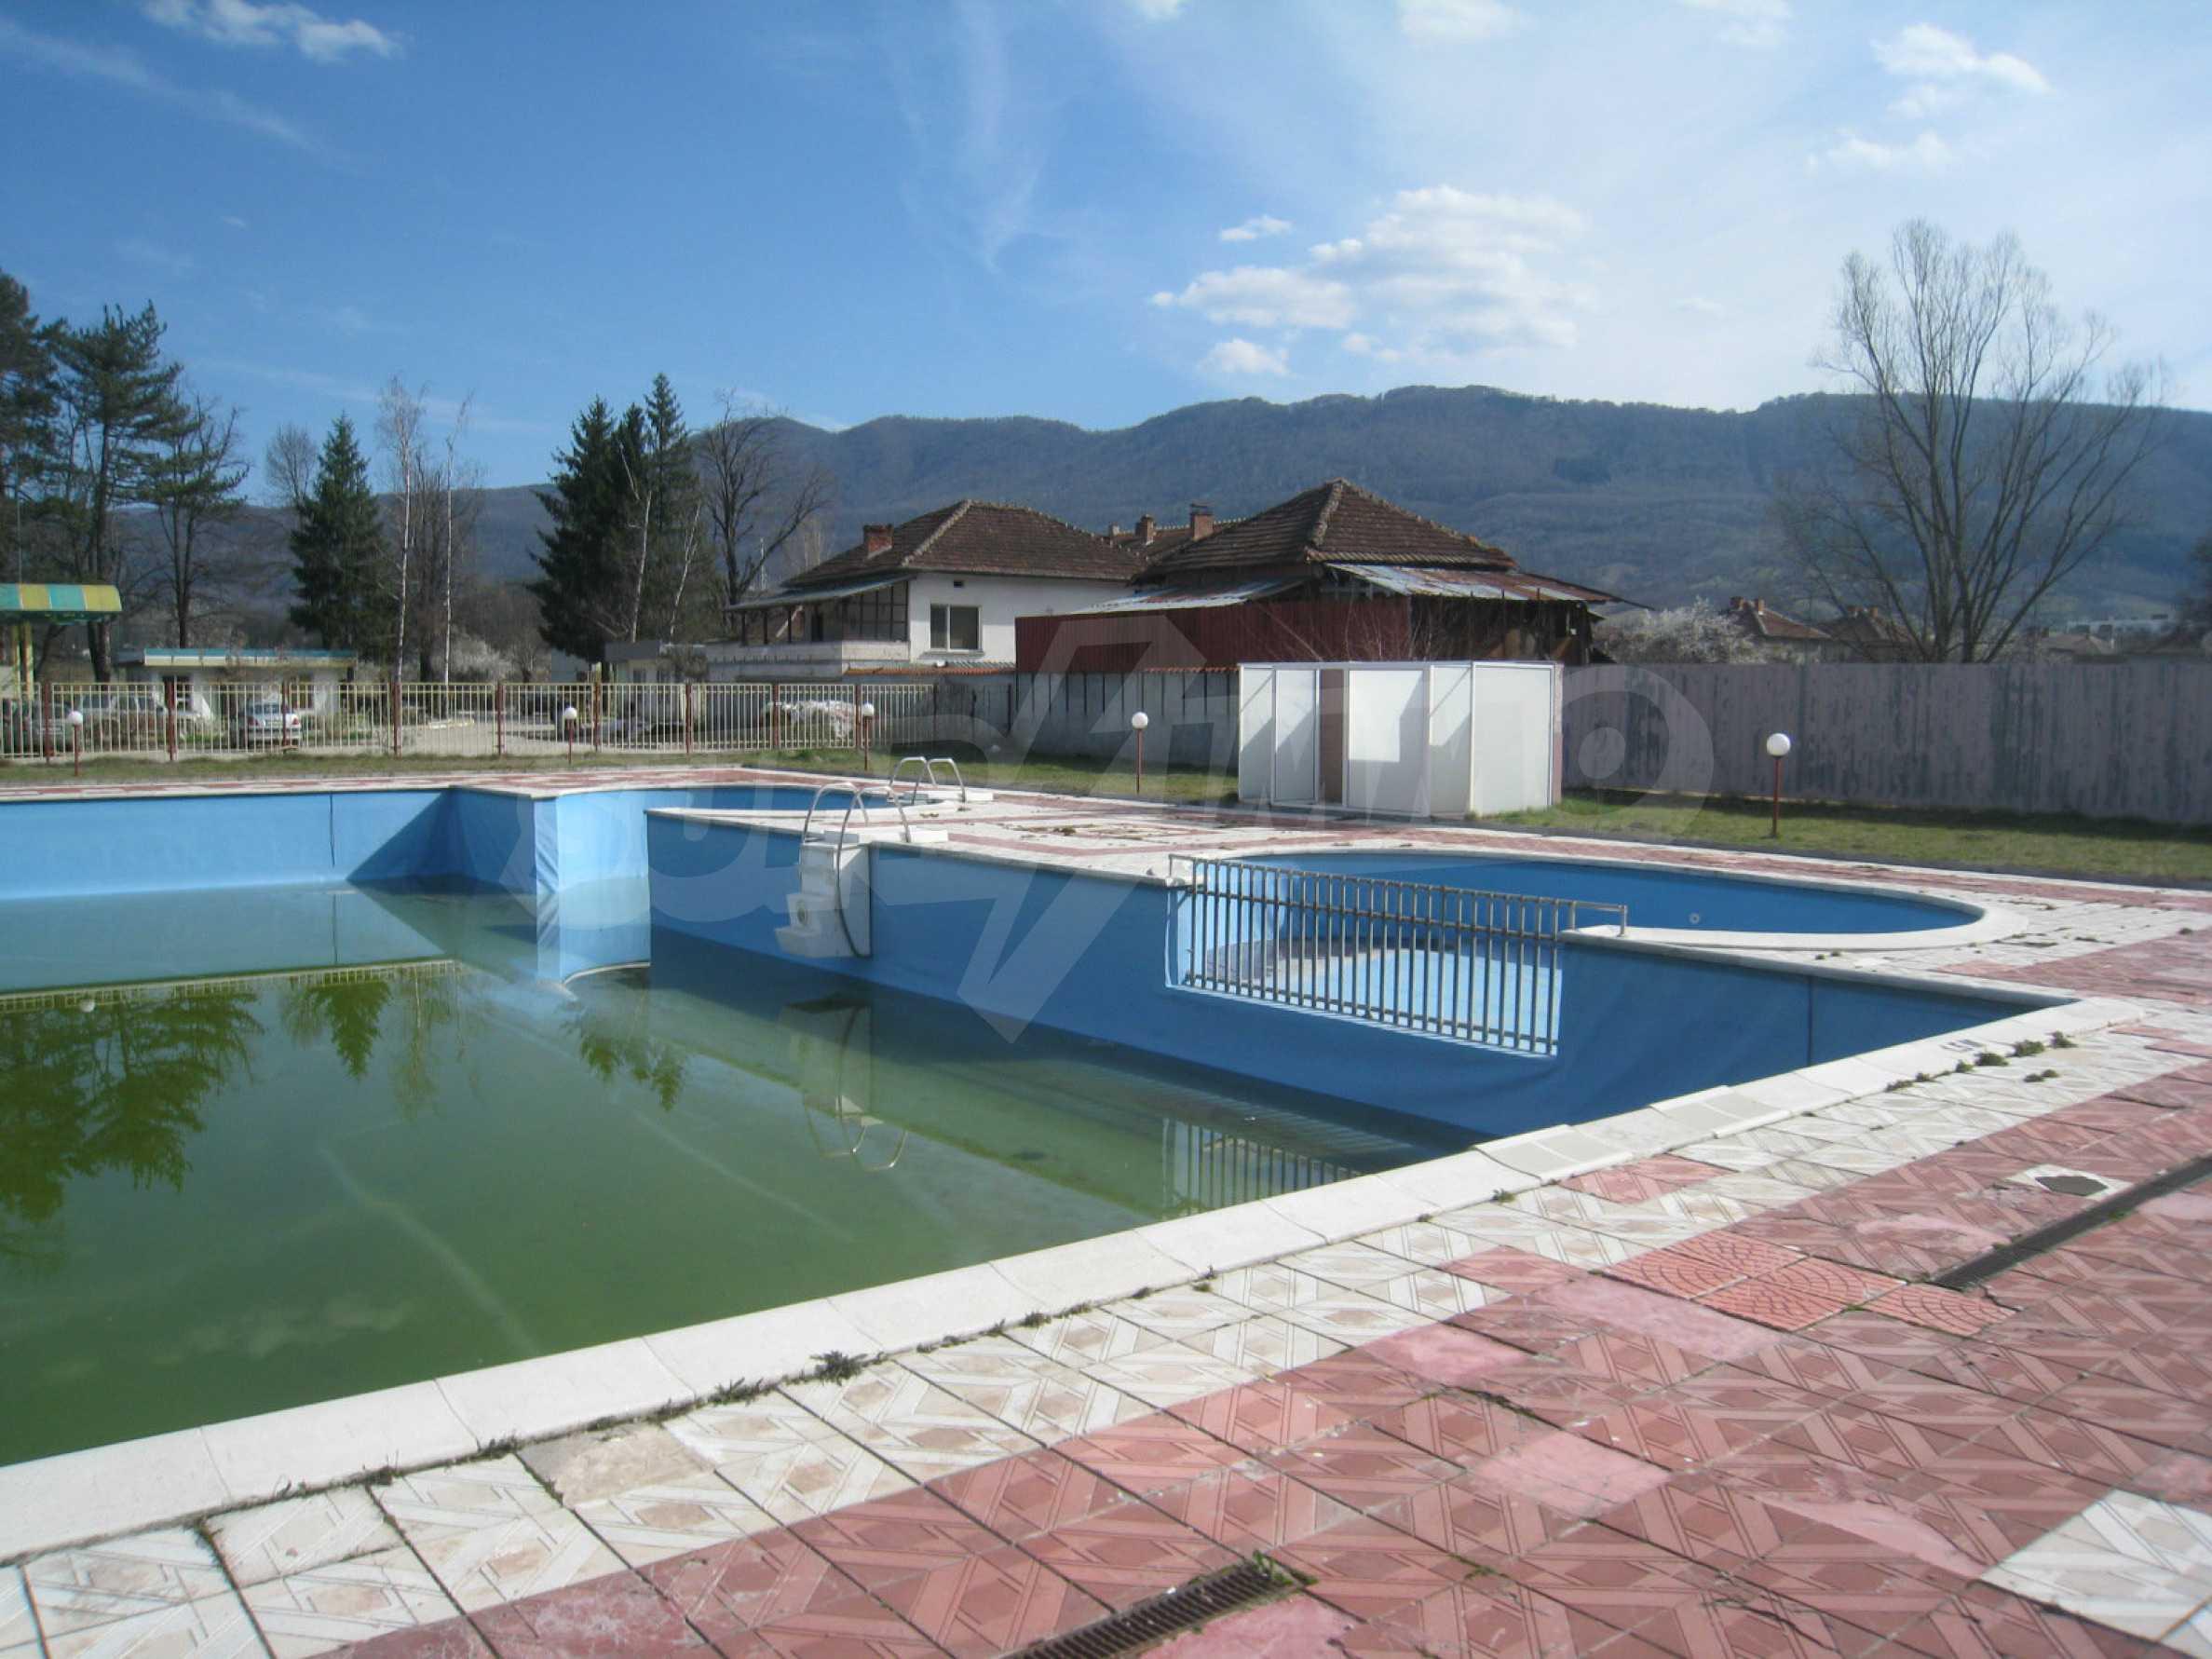 Hotelanlage mit Schwimmbad, Tankstelle und großem Grundstück in Etropole 37